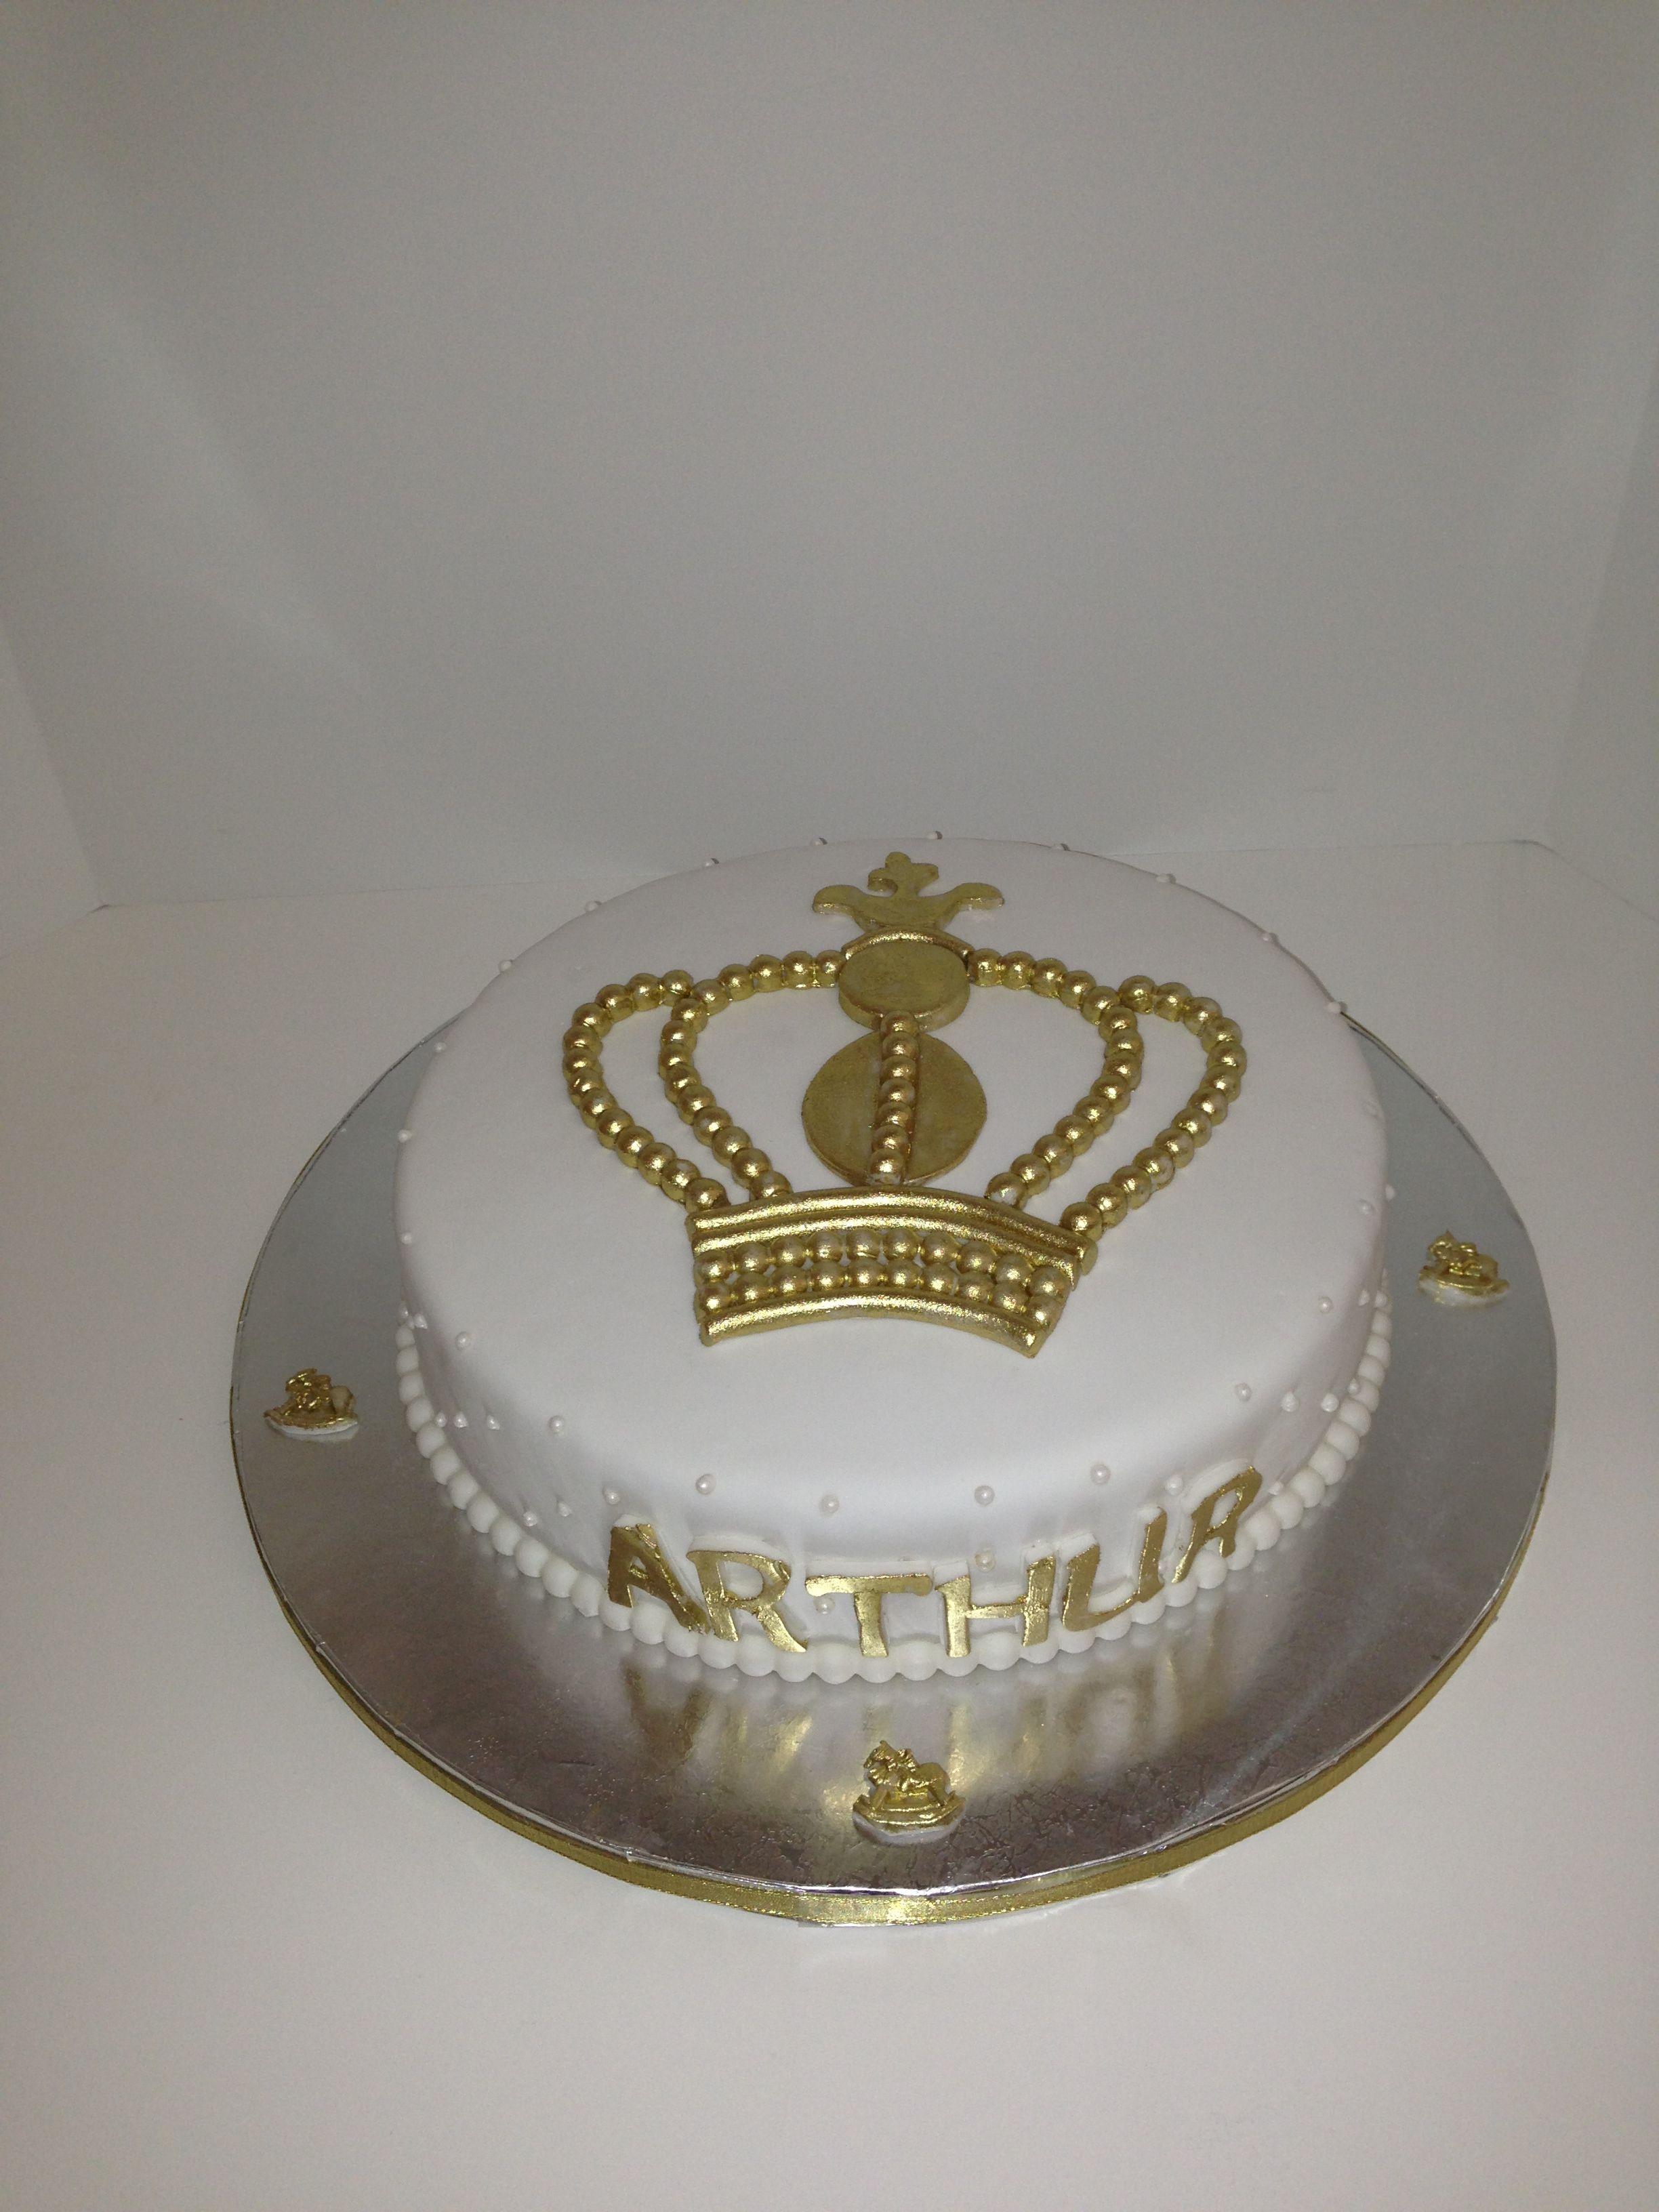 Baby Shower Motivo Príncipe Desserts Cake Food